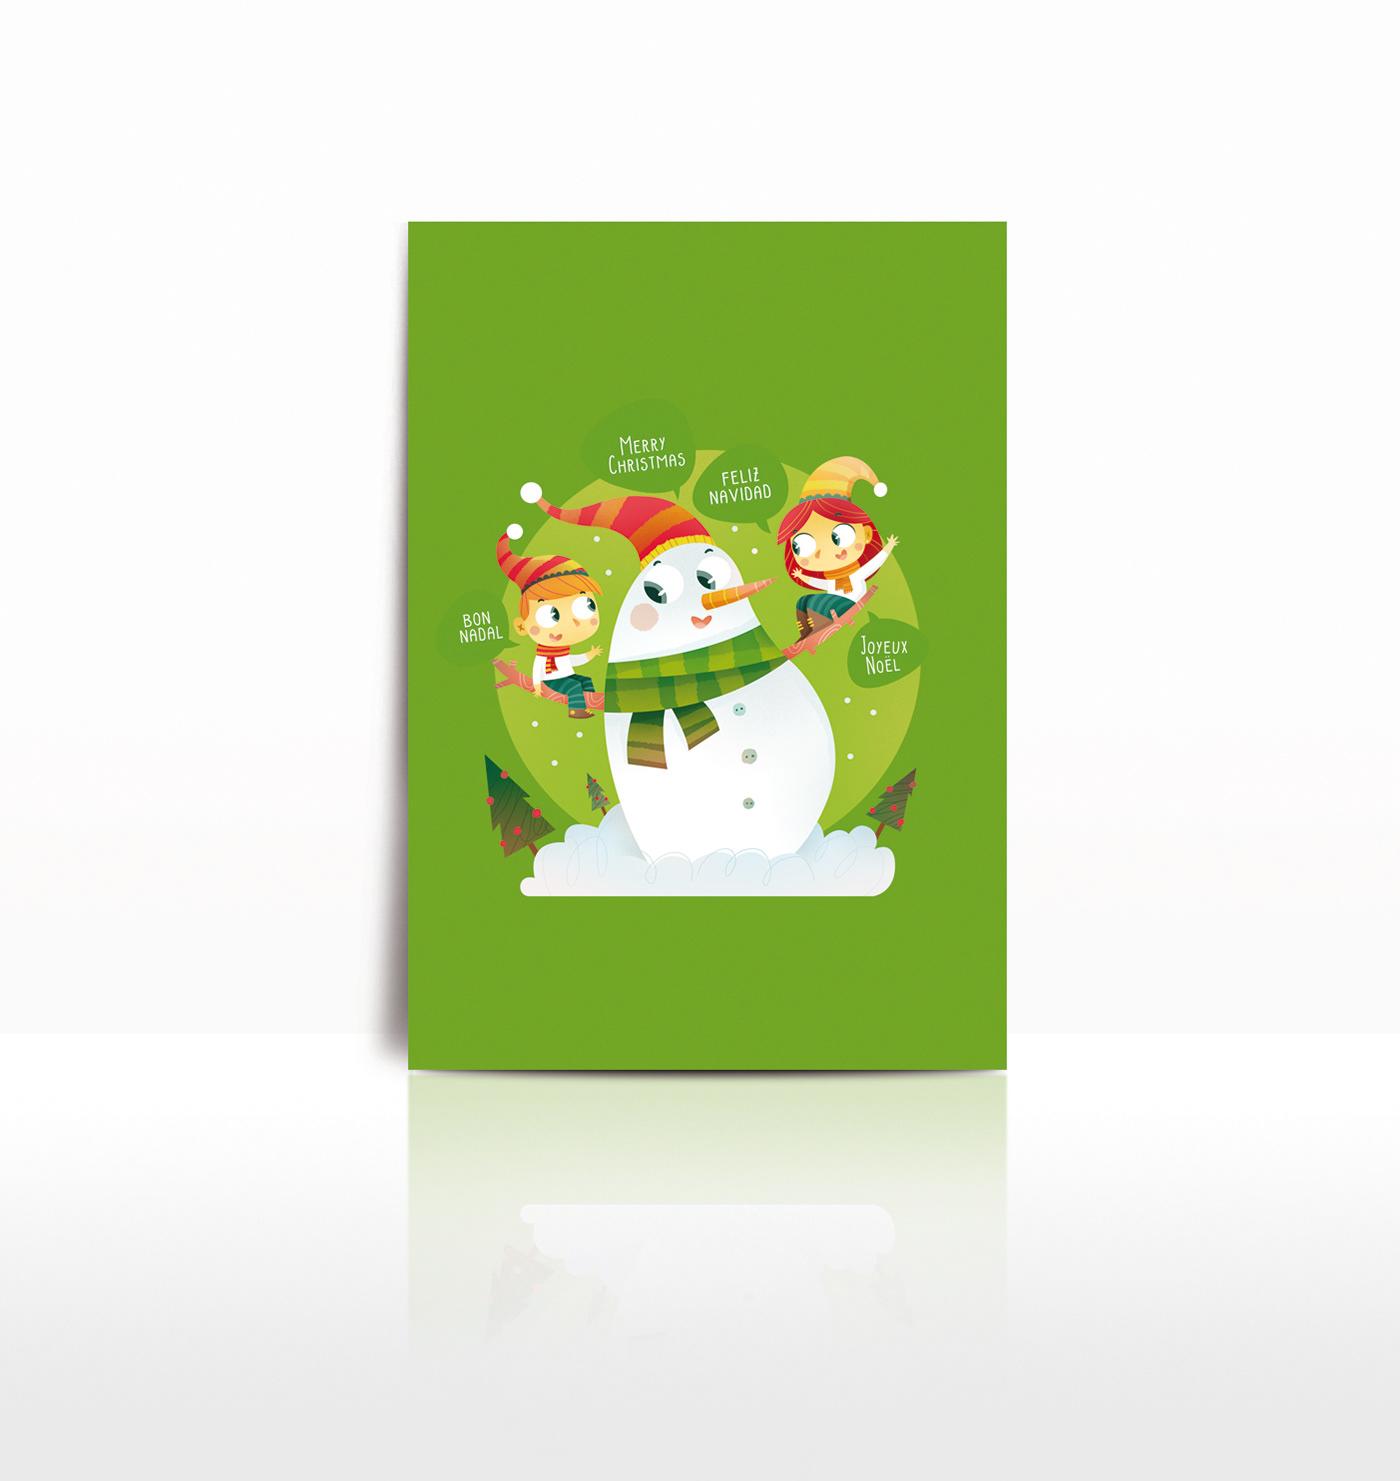 ilustracion ilustración infantil navidad Muñeco nieve niños Christmas nieve